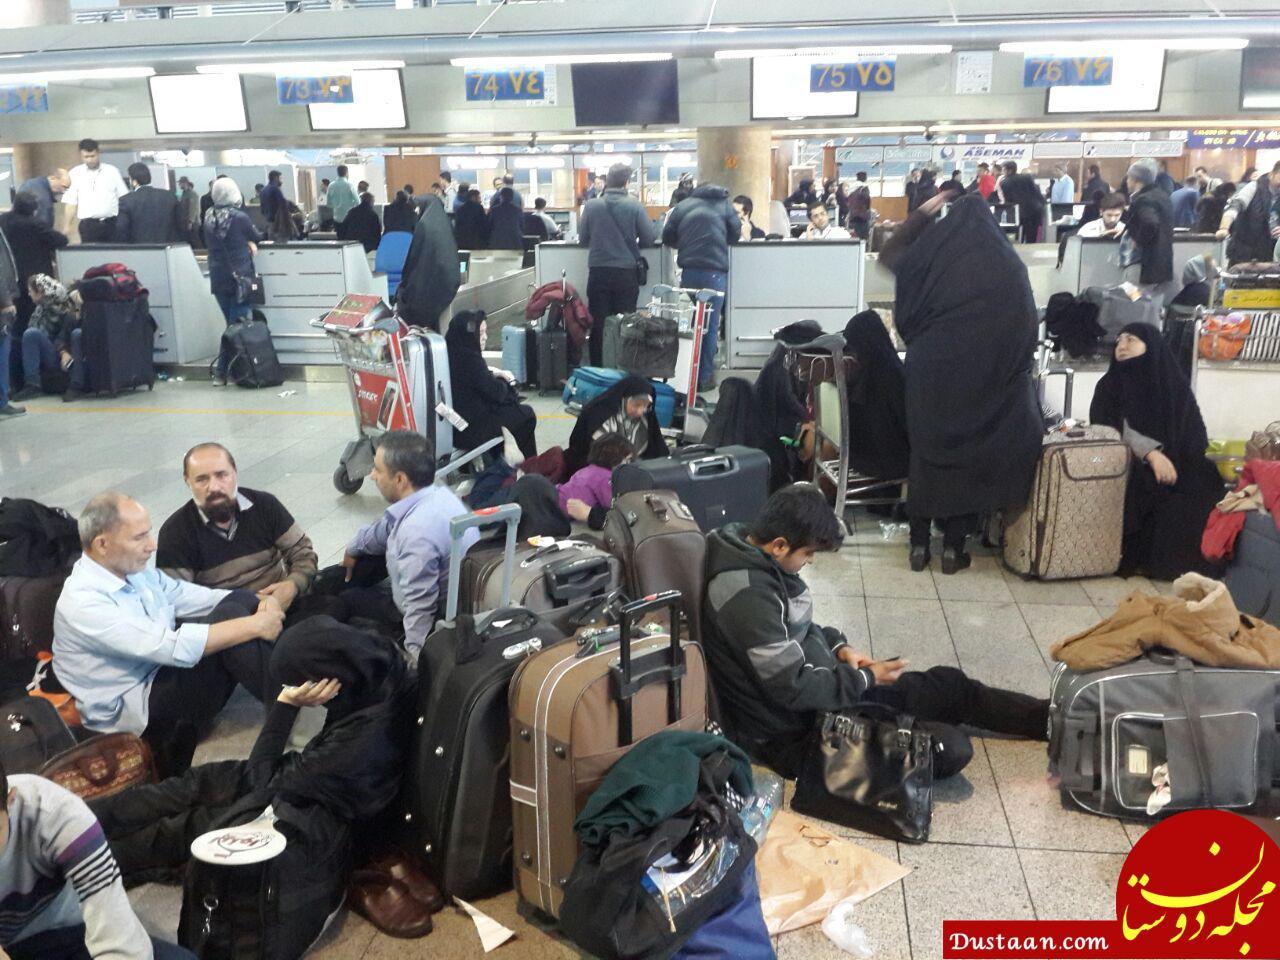 لغو ۲۰۰ پرواز  در فرودگاه های مهرآباد و امام / سرگردانی مسافران در فرودگاه +عکس